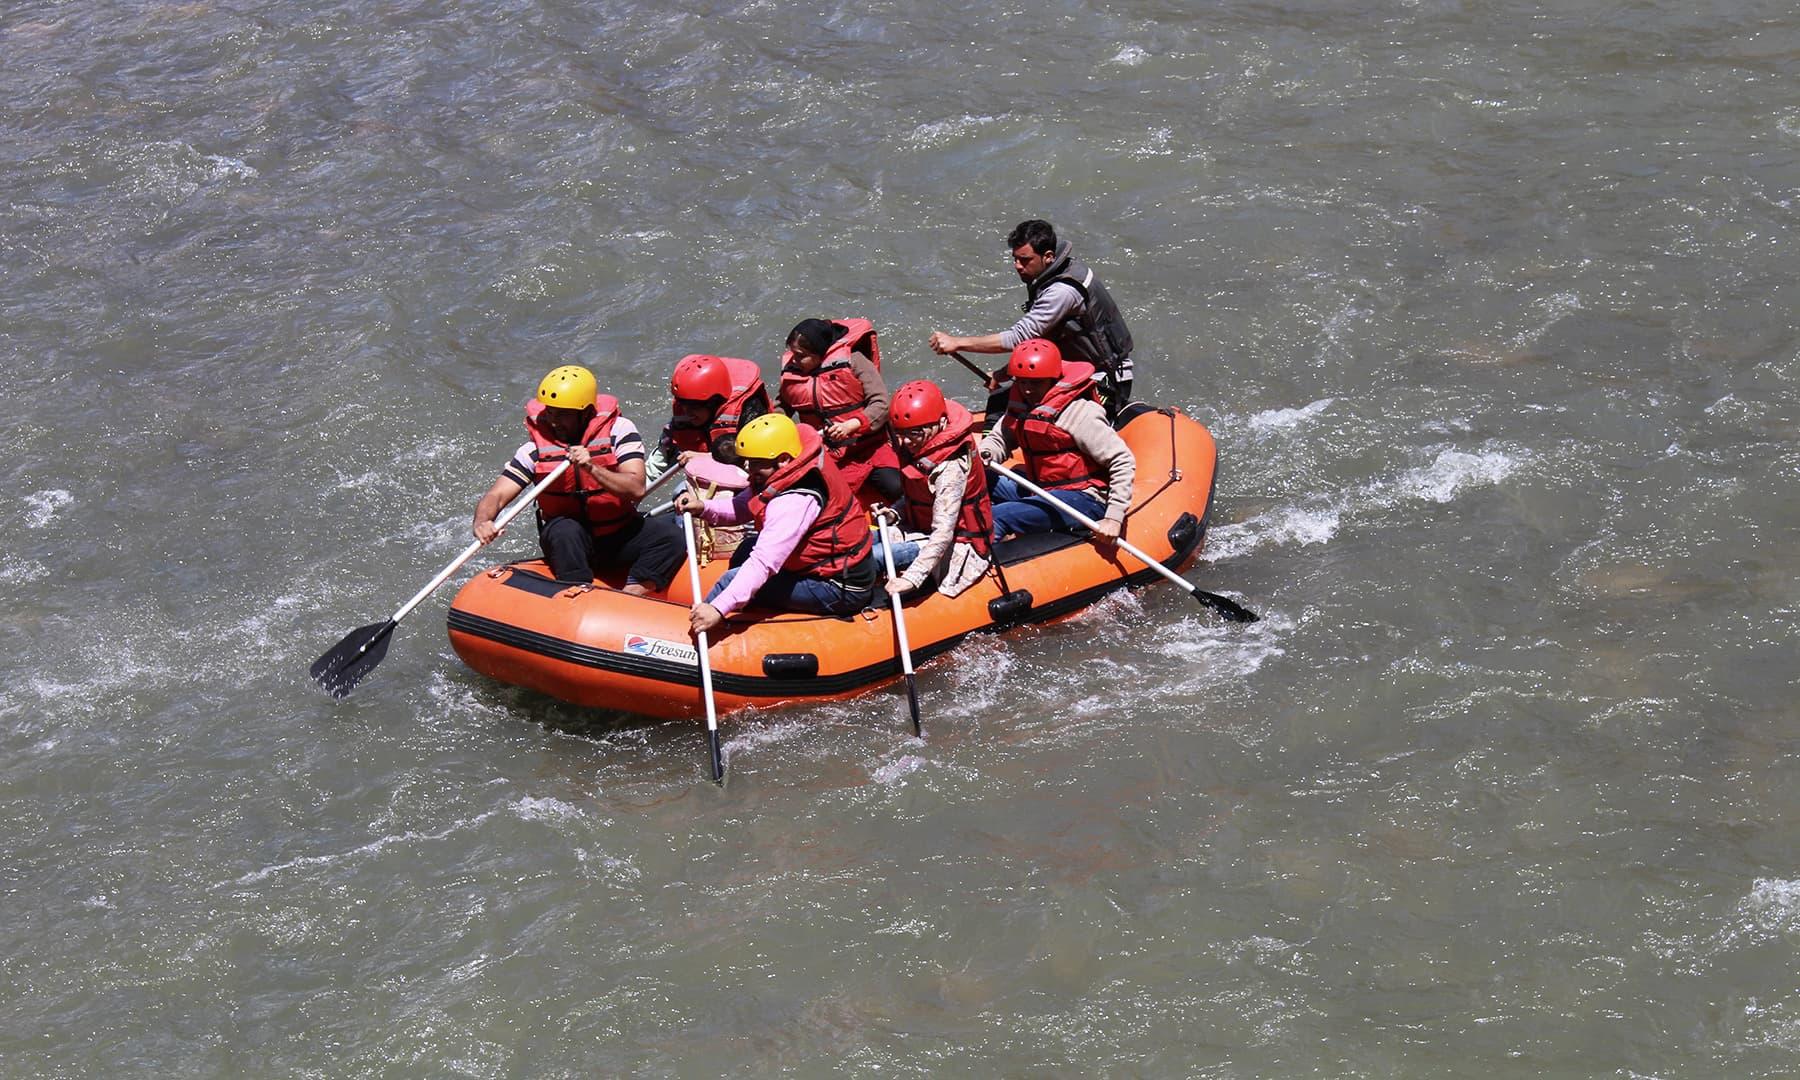 دریائے کنہار میں ریور رافٹنگ کا ایک منظر—تصویر وقاص چوہدری